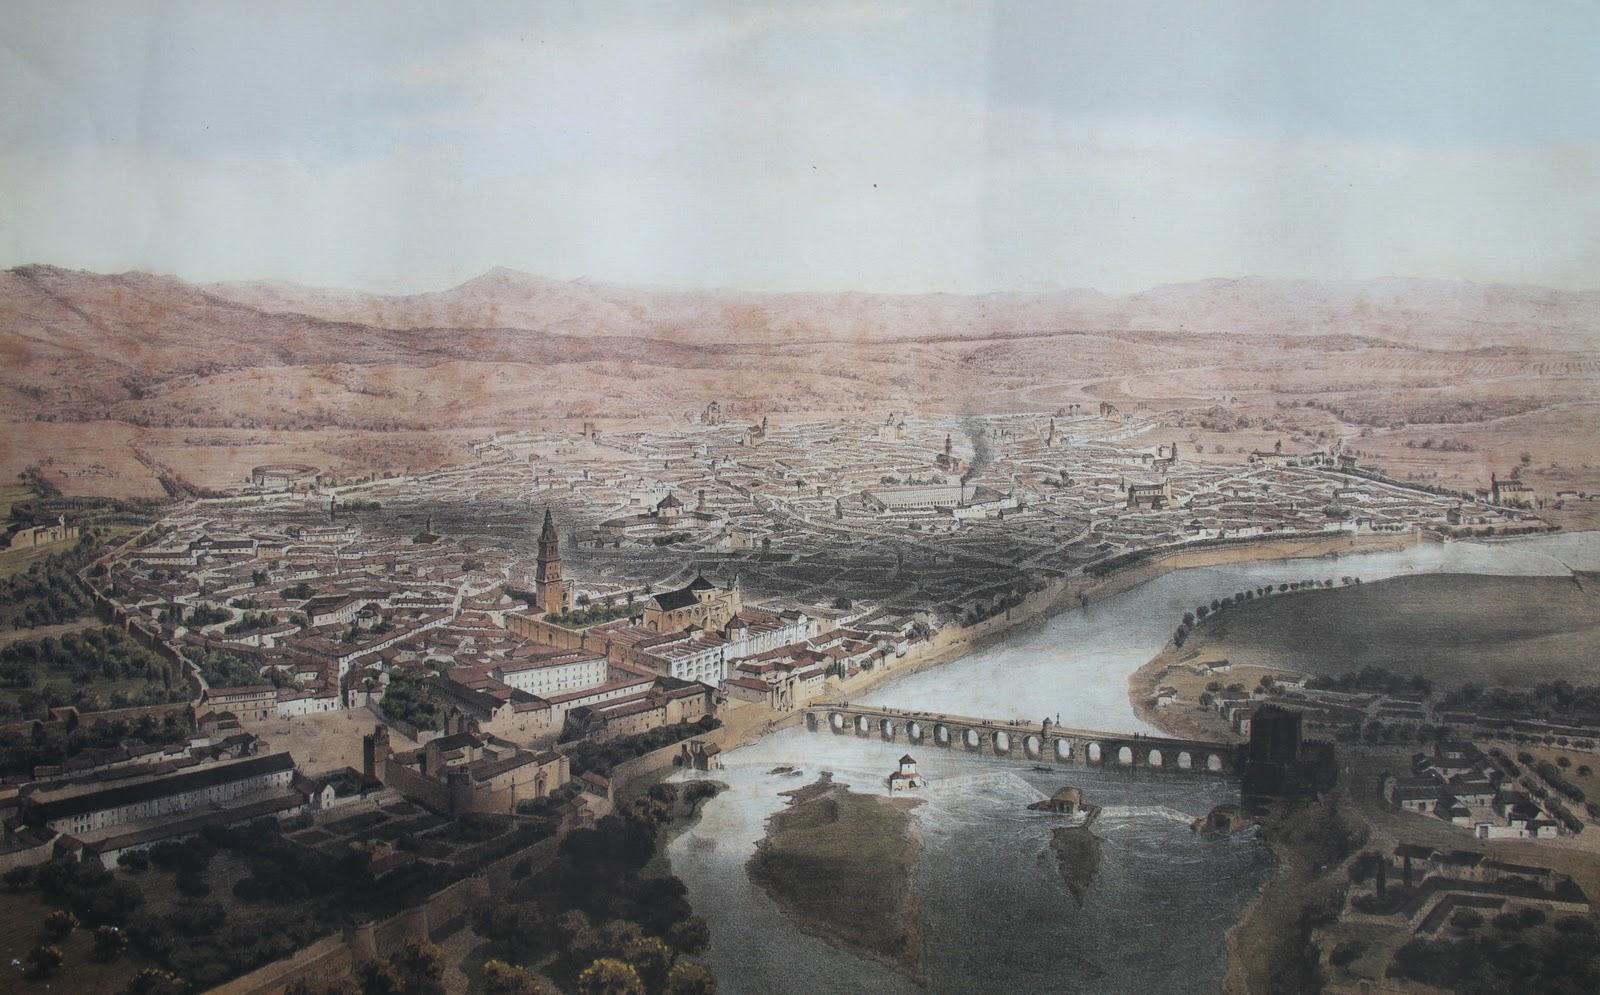 Córdoba de Guesdon